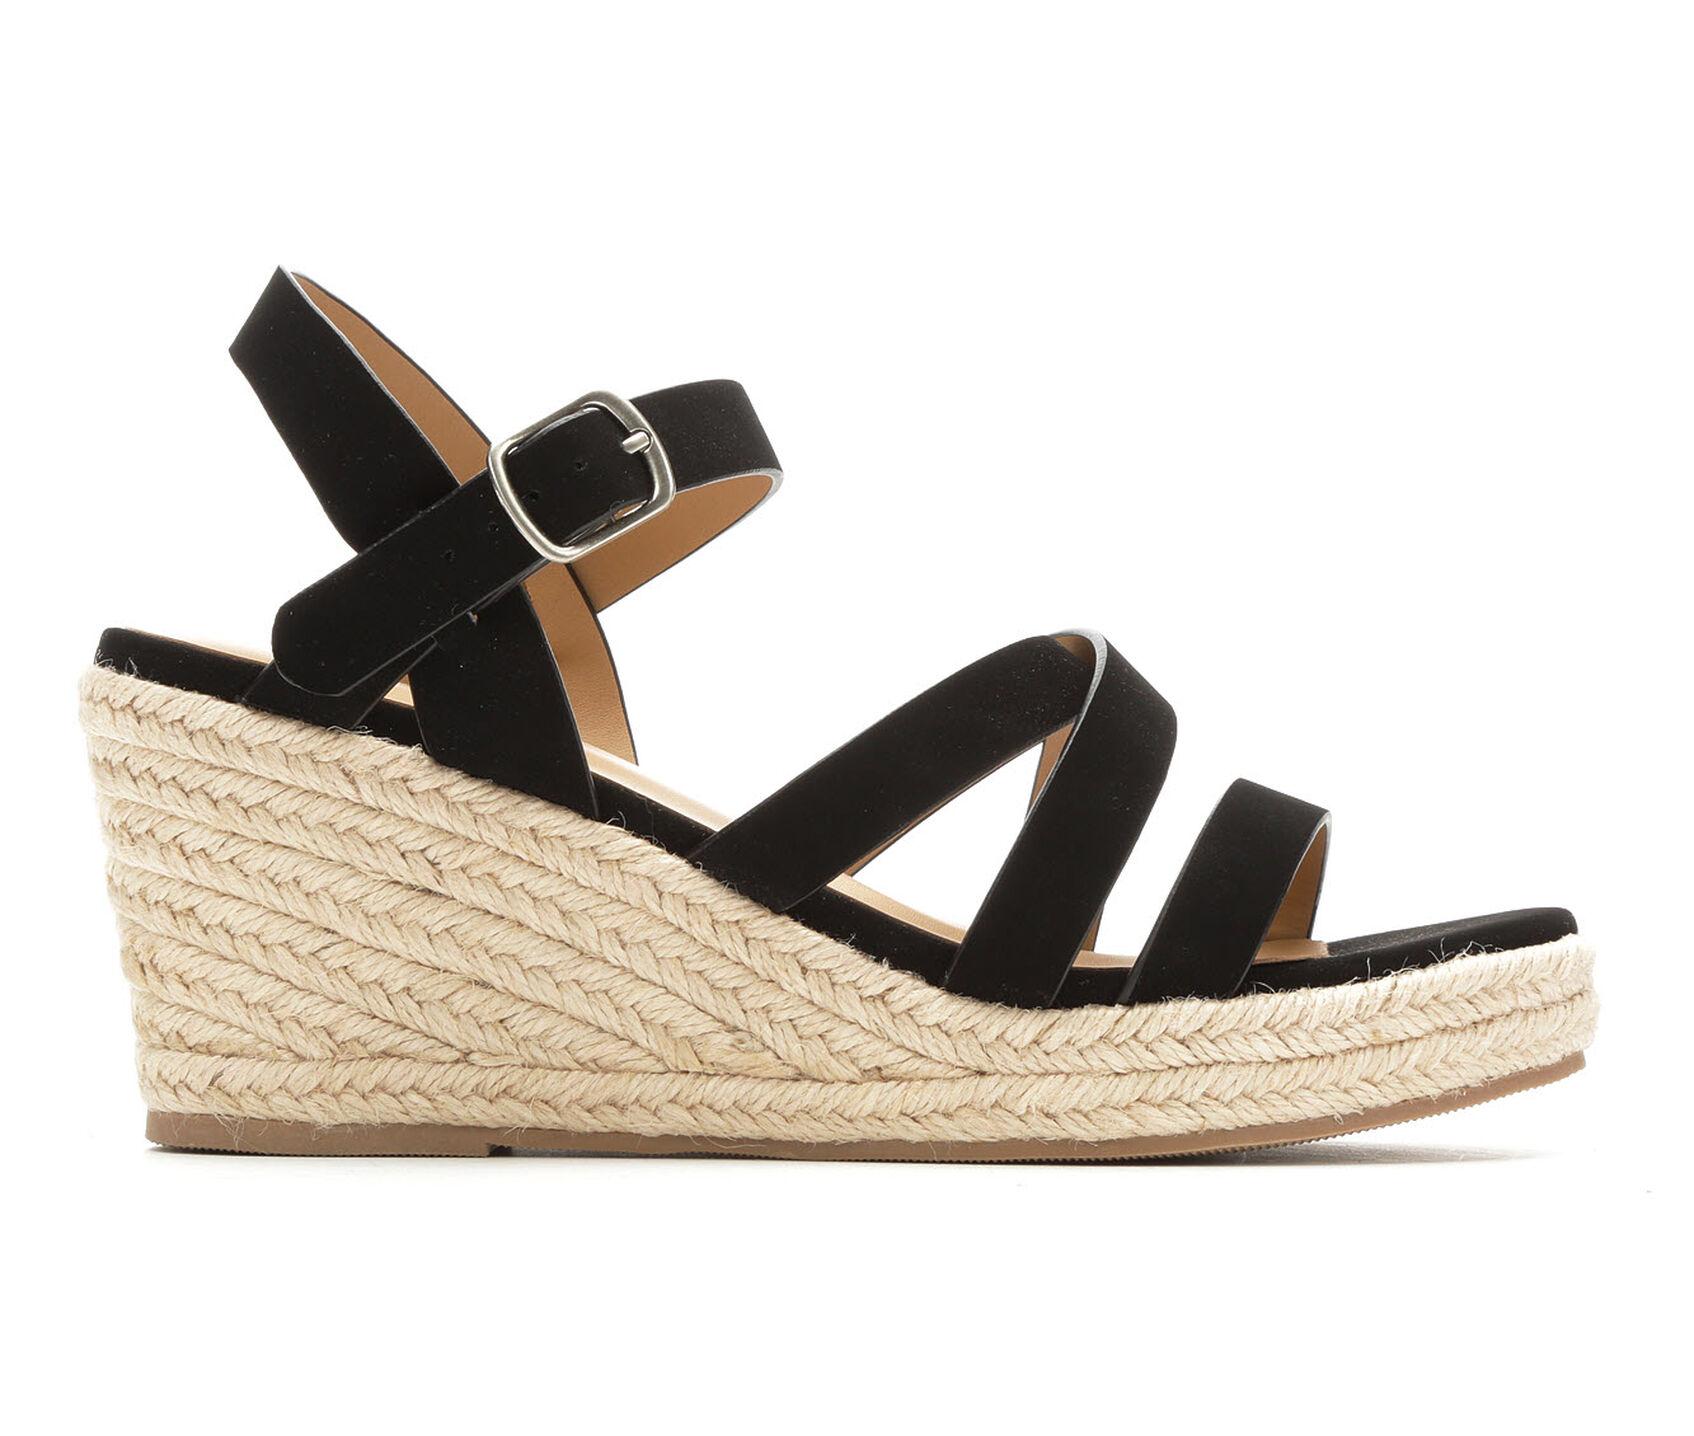 d858aaf643 Women's Y-Not Jubilee Strappy Wedge Sandals | Shoe Carnival